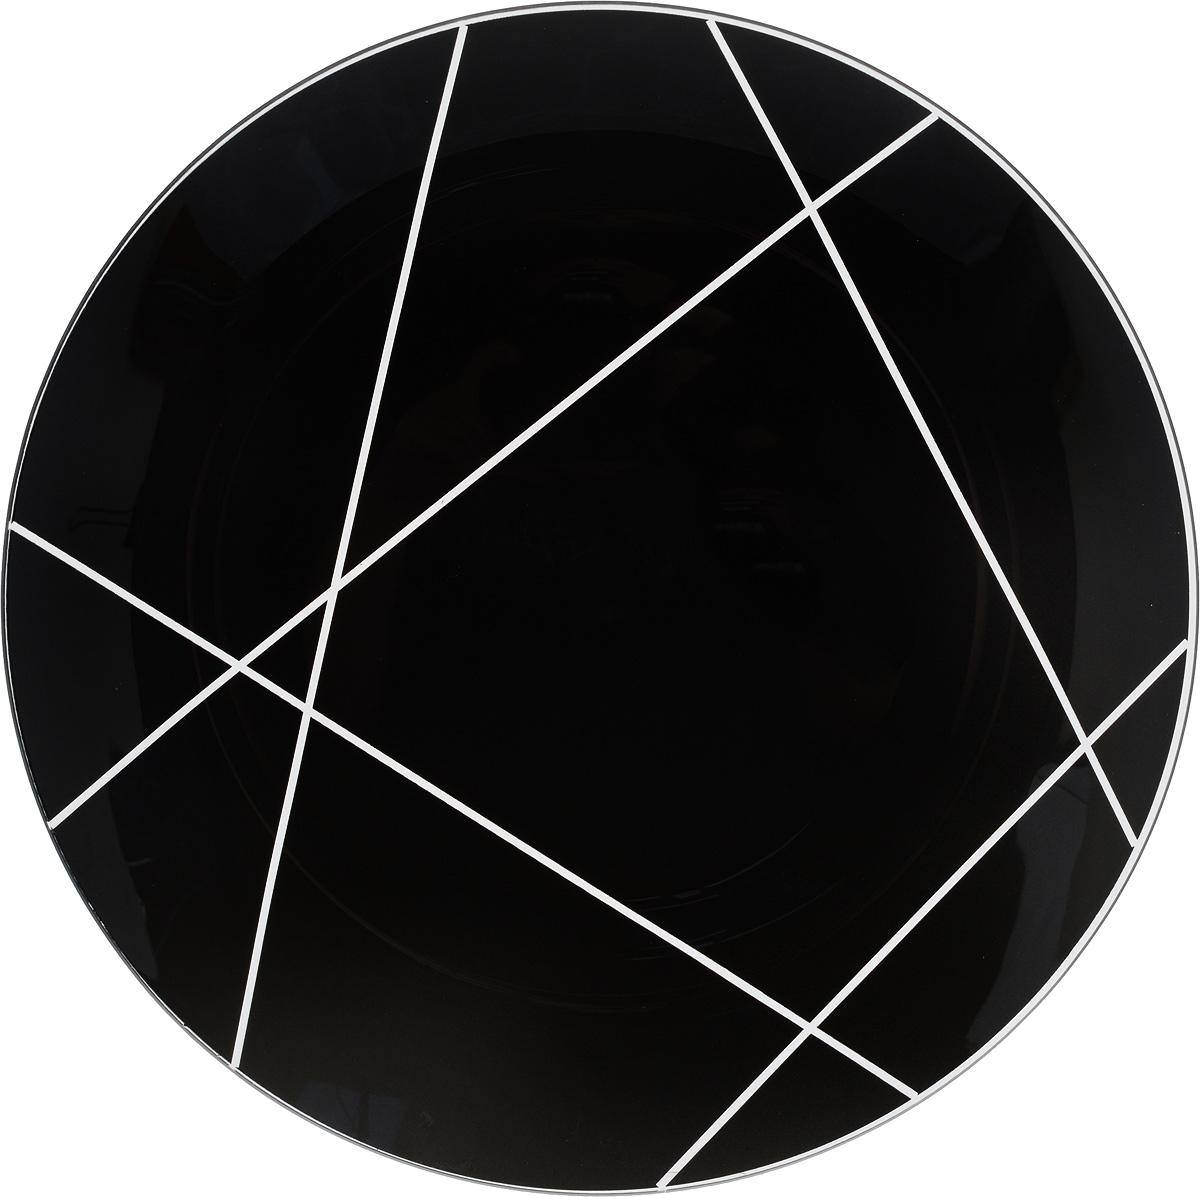 Тарелка NiNaGlass Контур, цвет: черный, диаметр 30 см85-300-002/чернТарелка NiNaGlass Контур выполнена из высококачественного стекла и оформлена красивым прозрачным геометрическим принтом. Тарелка идеальна для подачи вторых блюд, а также сервировки закусок, нарезок, салатов, овощей и фруктов. Она отлично подойдет как для повседневных, так и для торжественных случаев. Такая тарелка прекрасно впишется в интерьер вашей кухни и станет достойным дополнением к кухонному инвентарю.